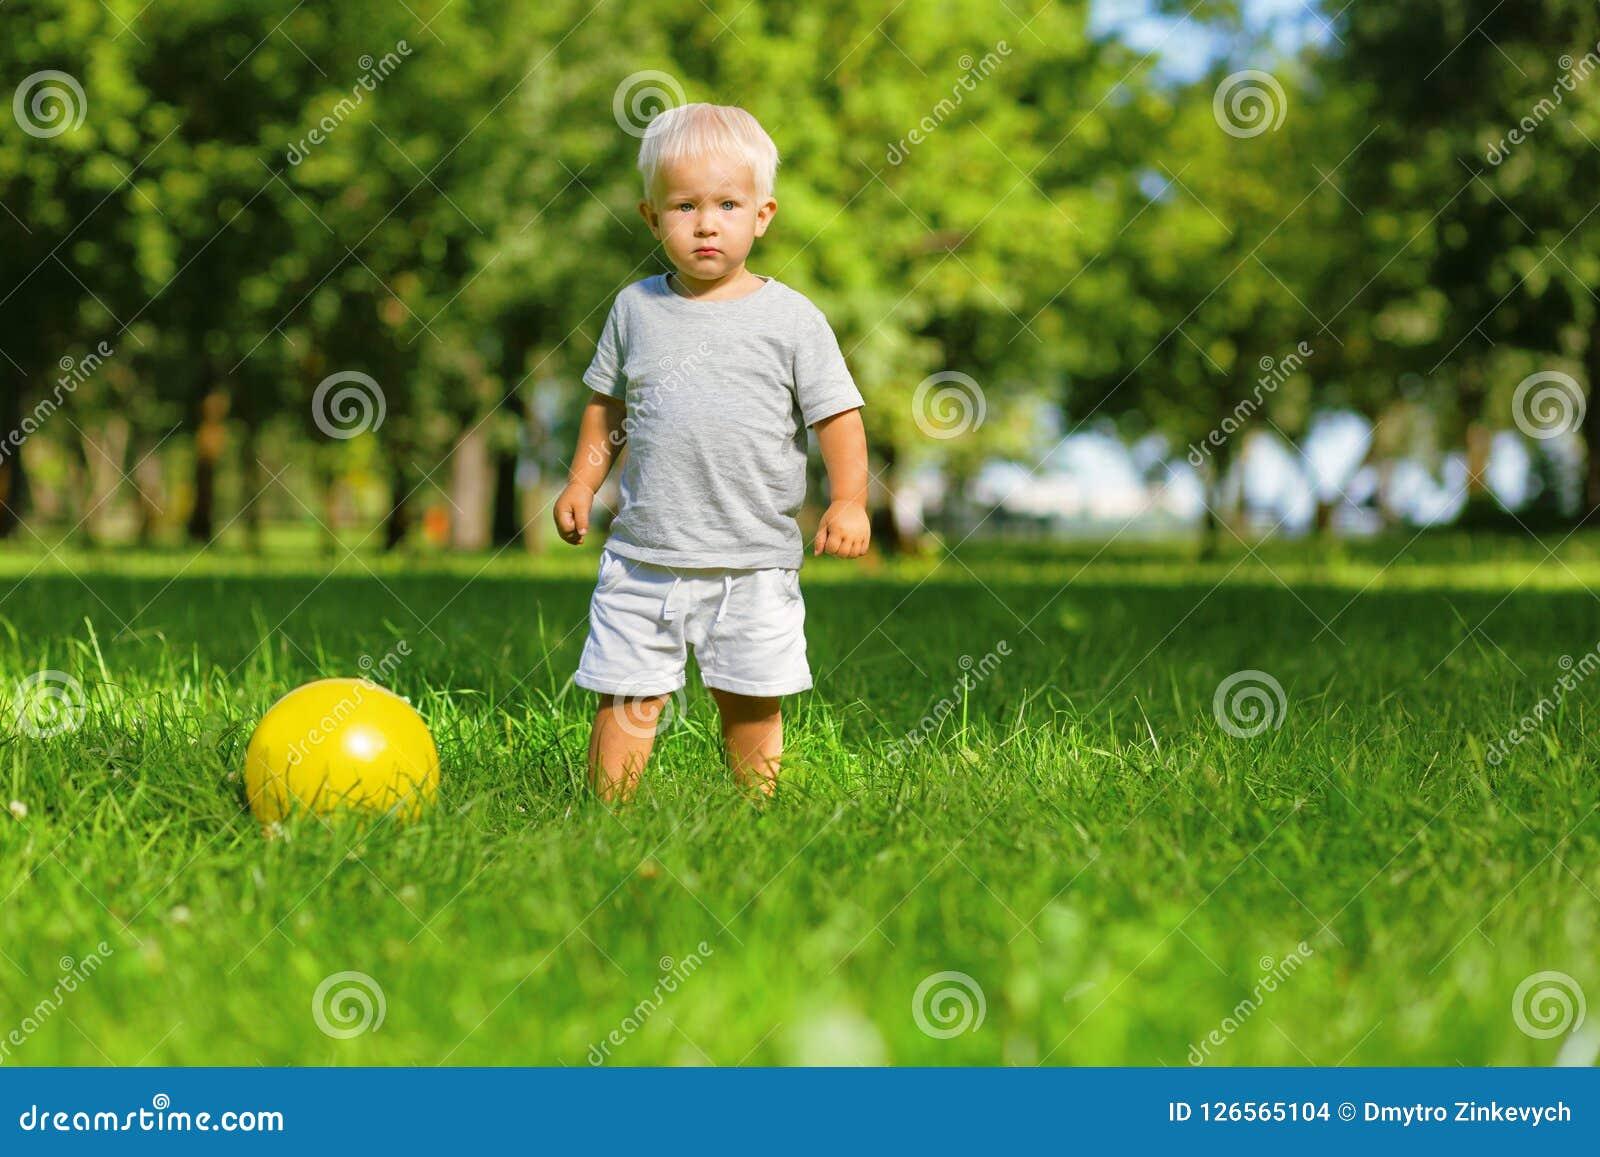 Enfant calme jouant avec la boule dehors